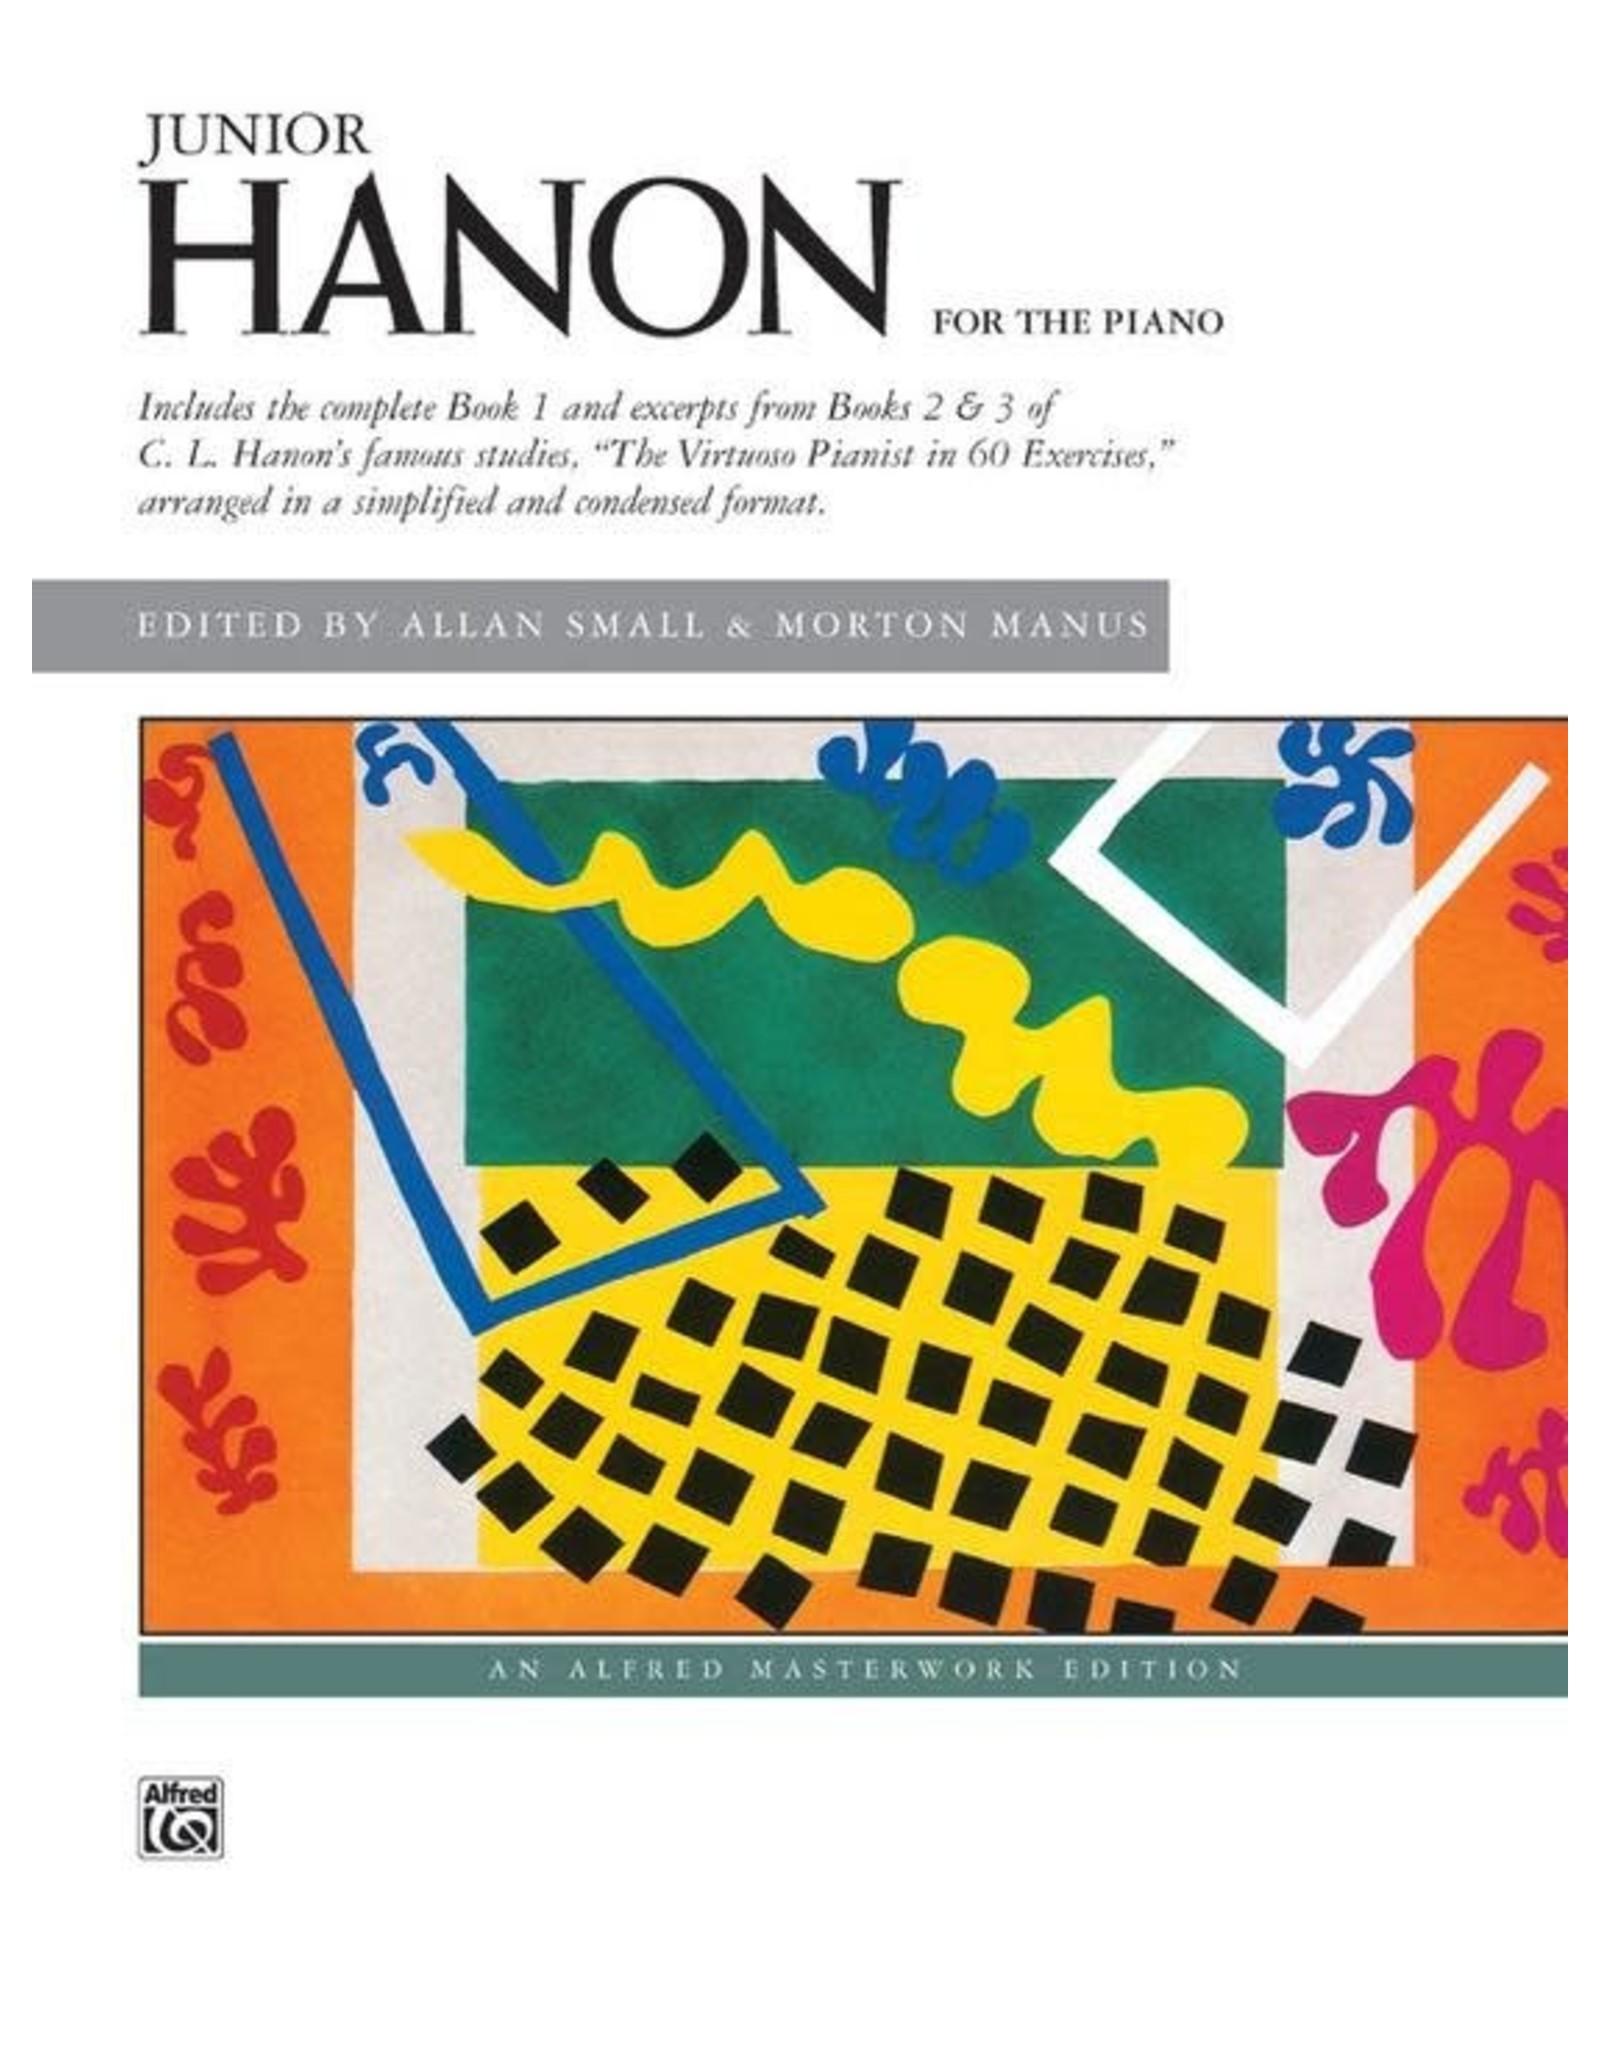 Alfred Junior Hanon - Simplified and Condensed Hanon ed. Allan Small and Morton Manus